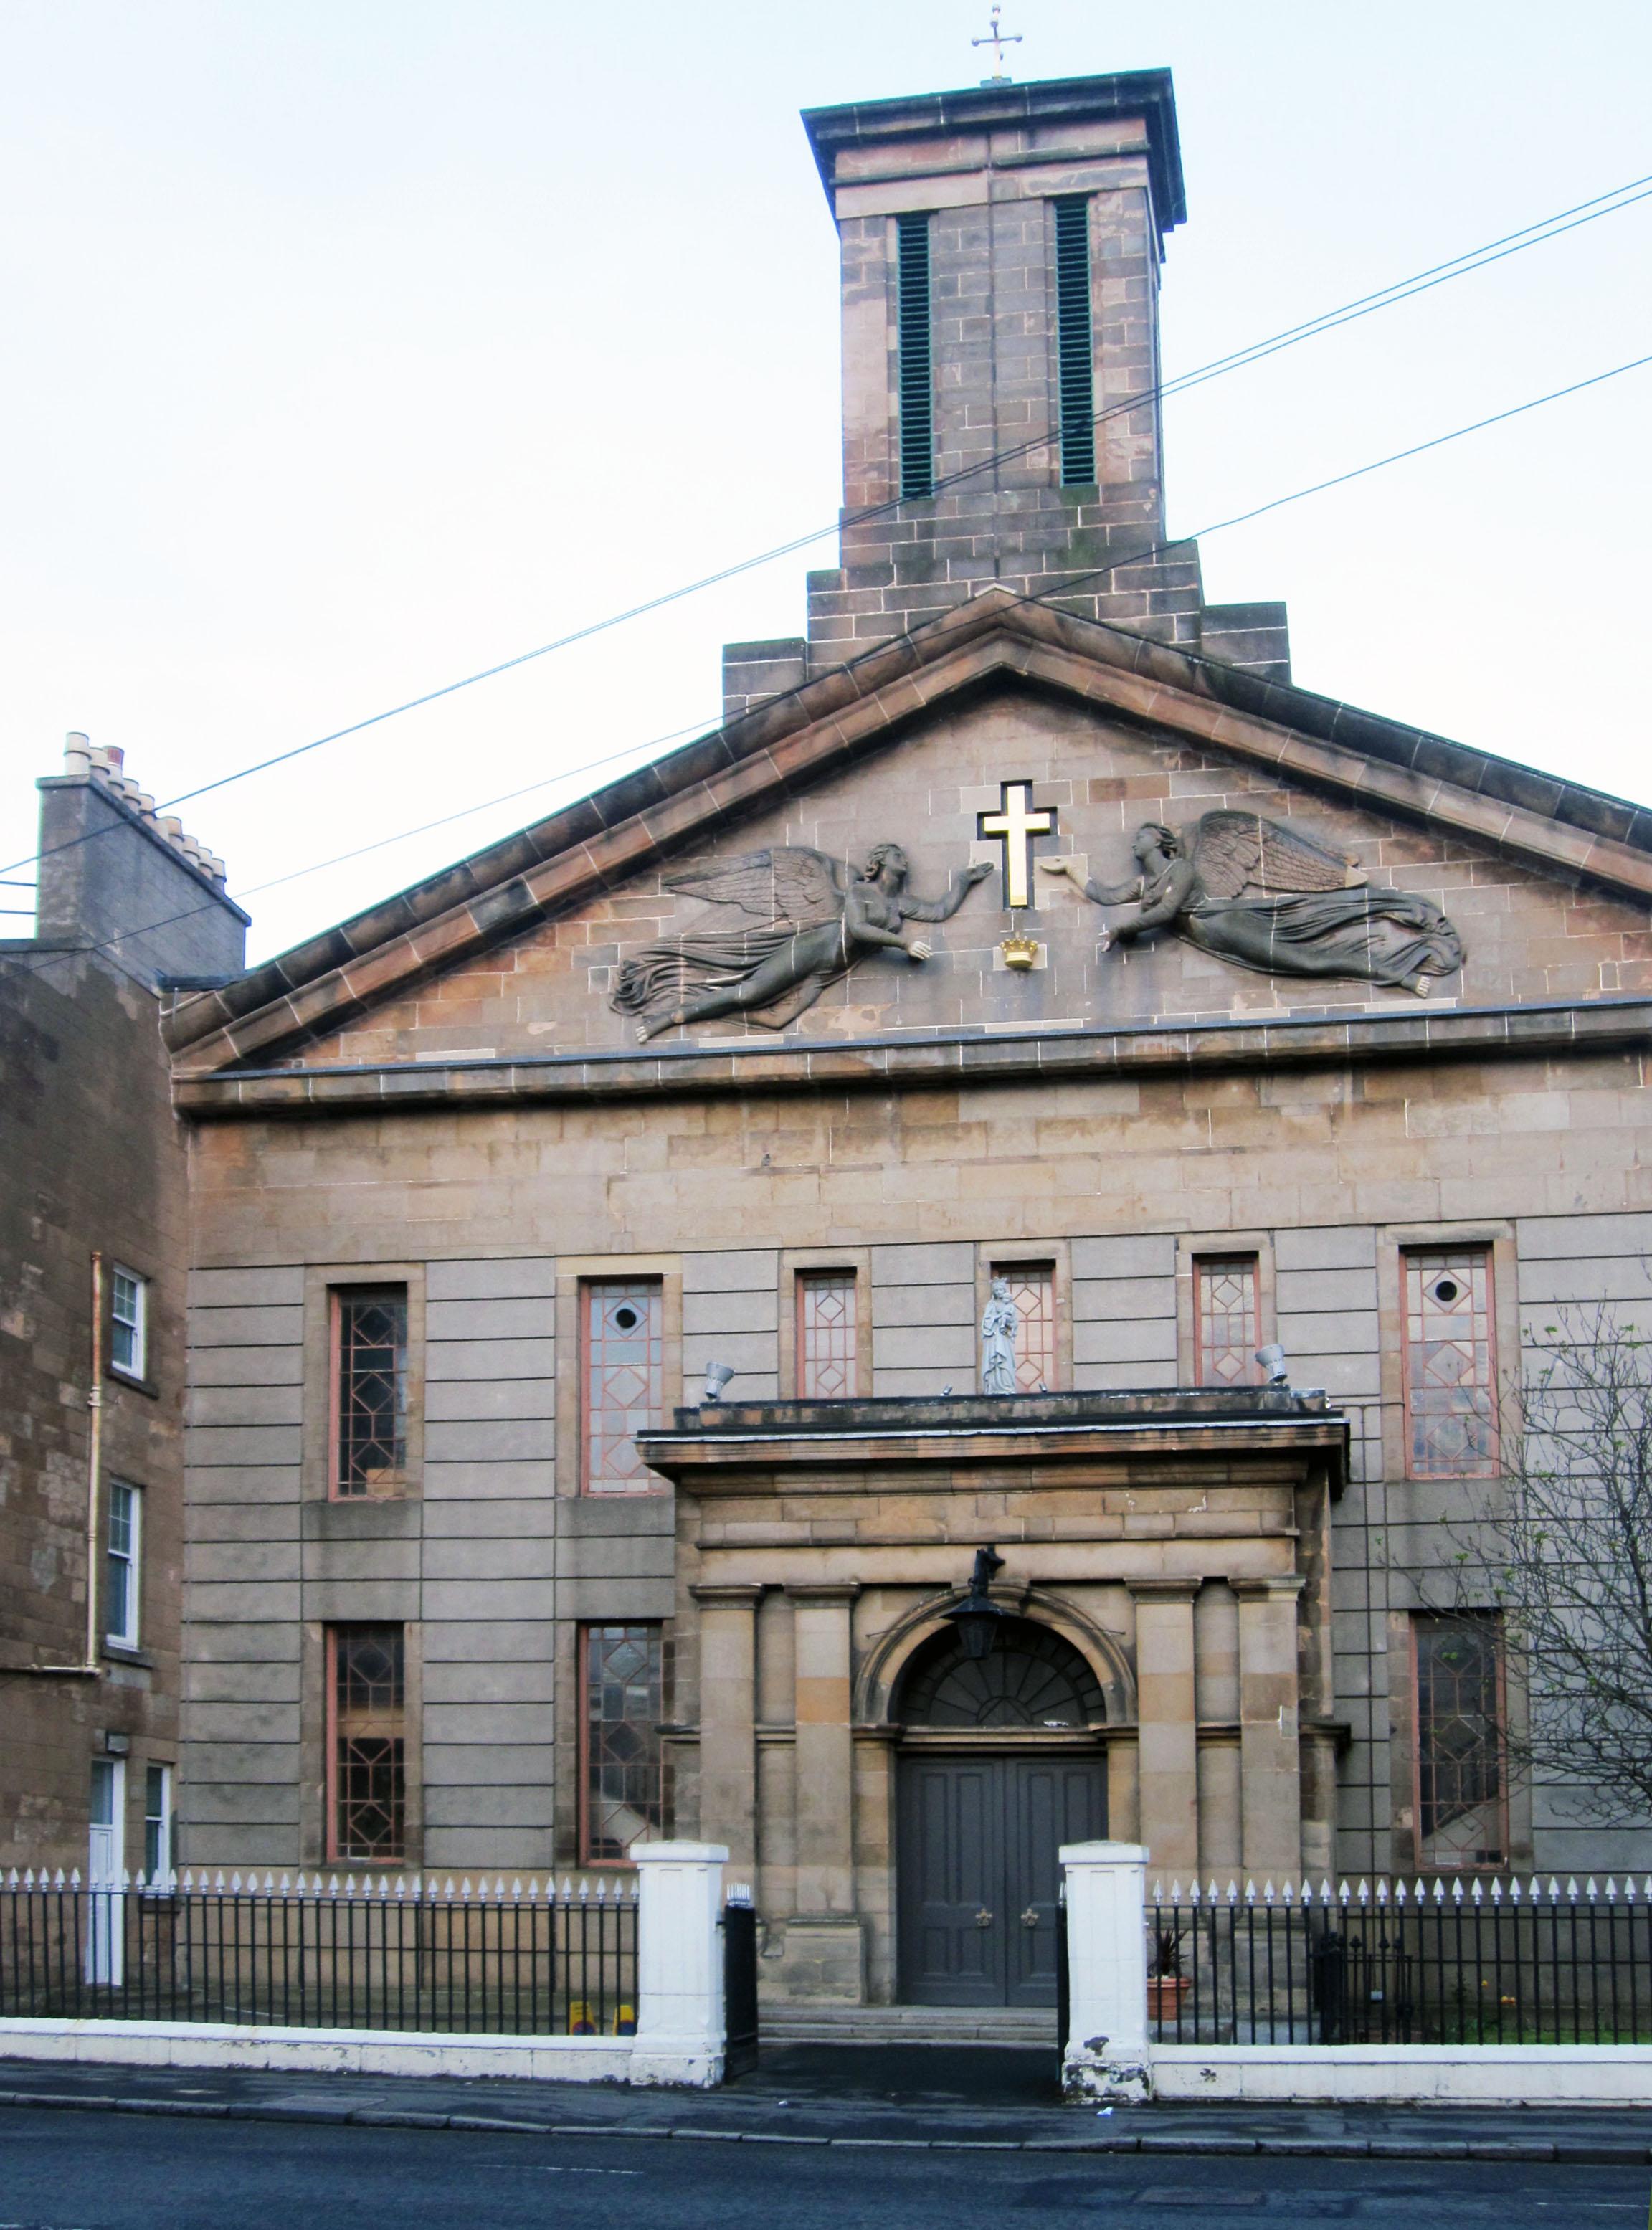 St Mary's, Glasgow